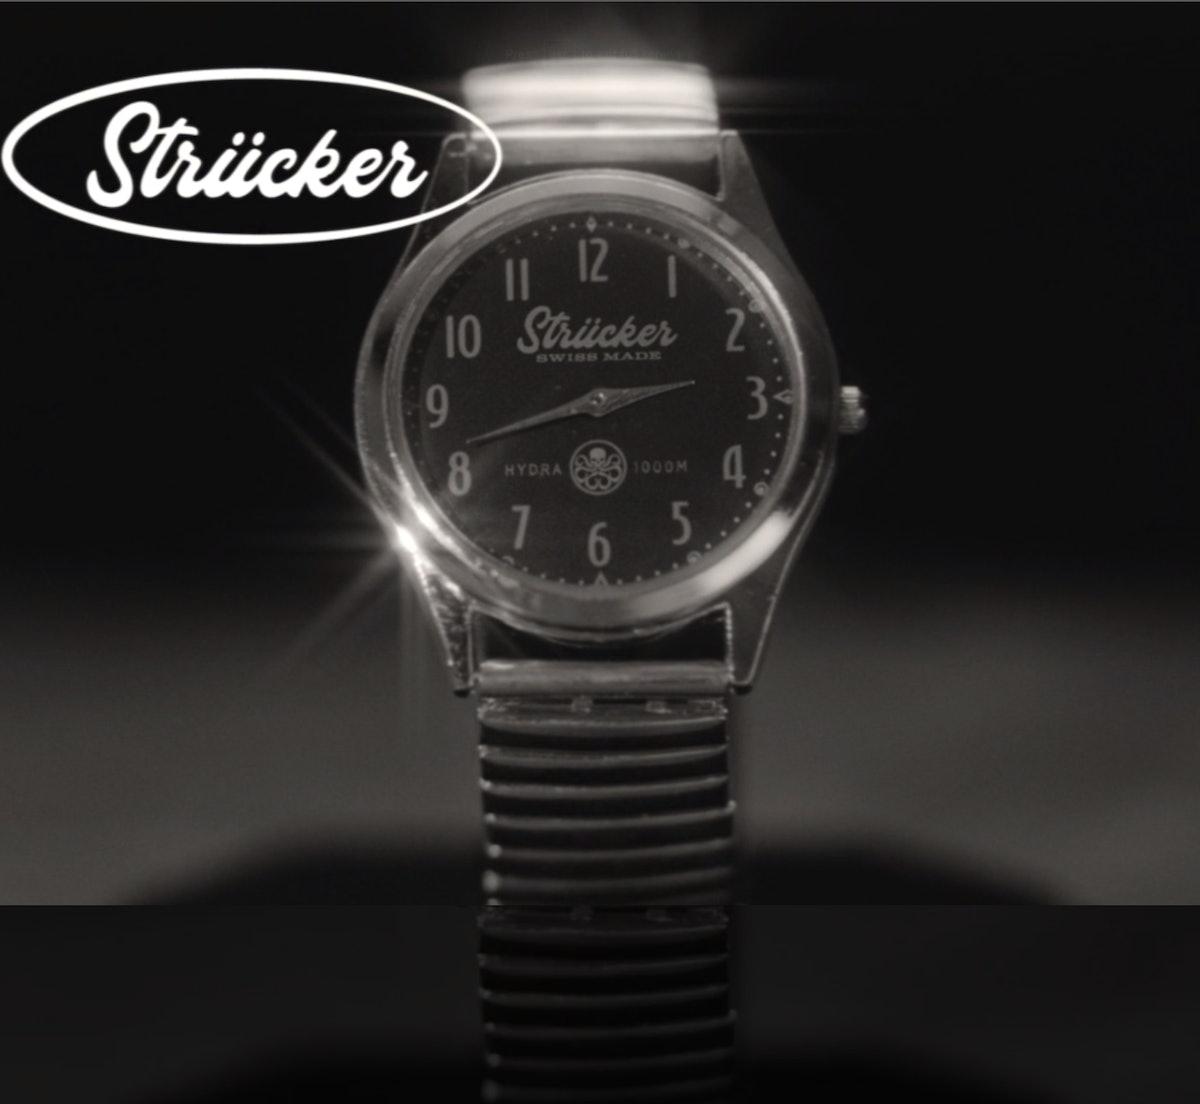 The Strucker Watch.